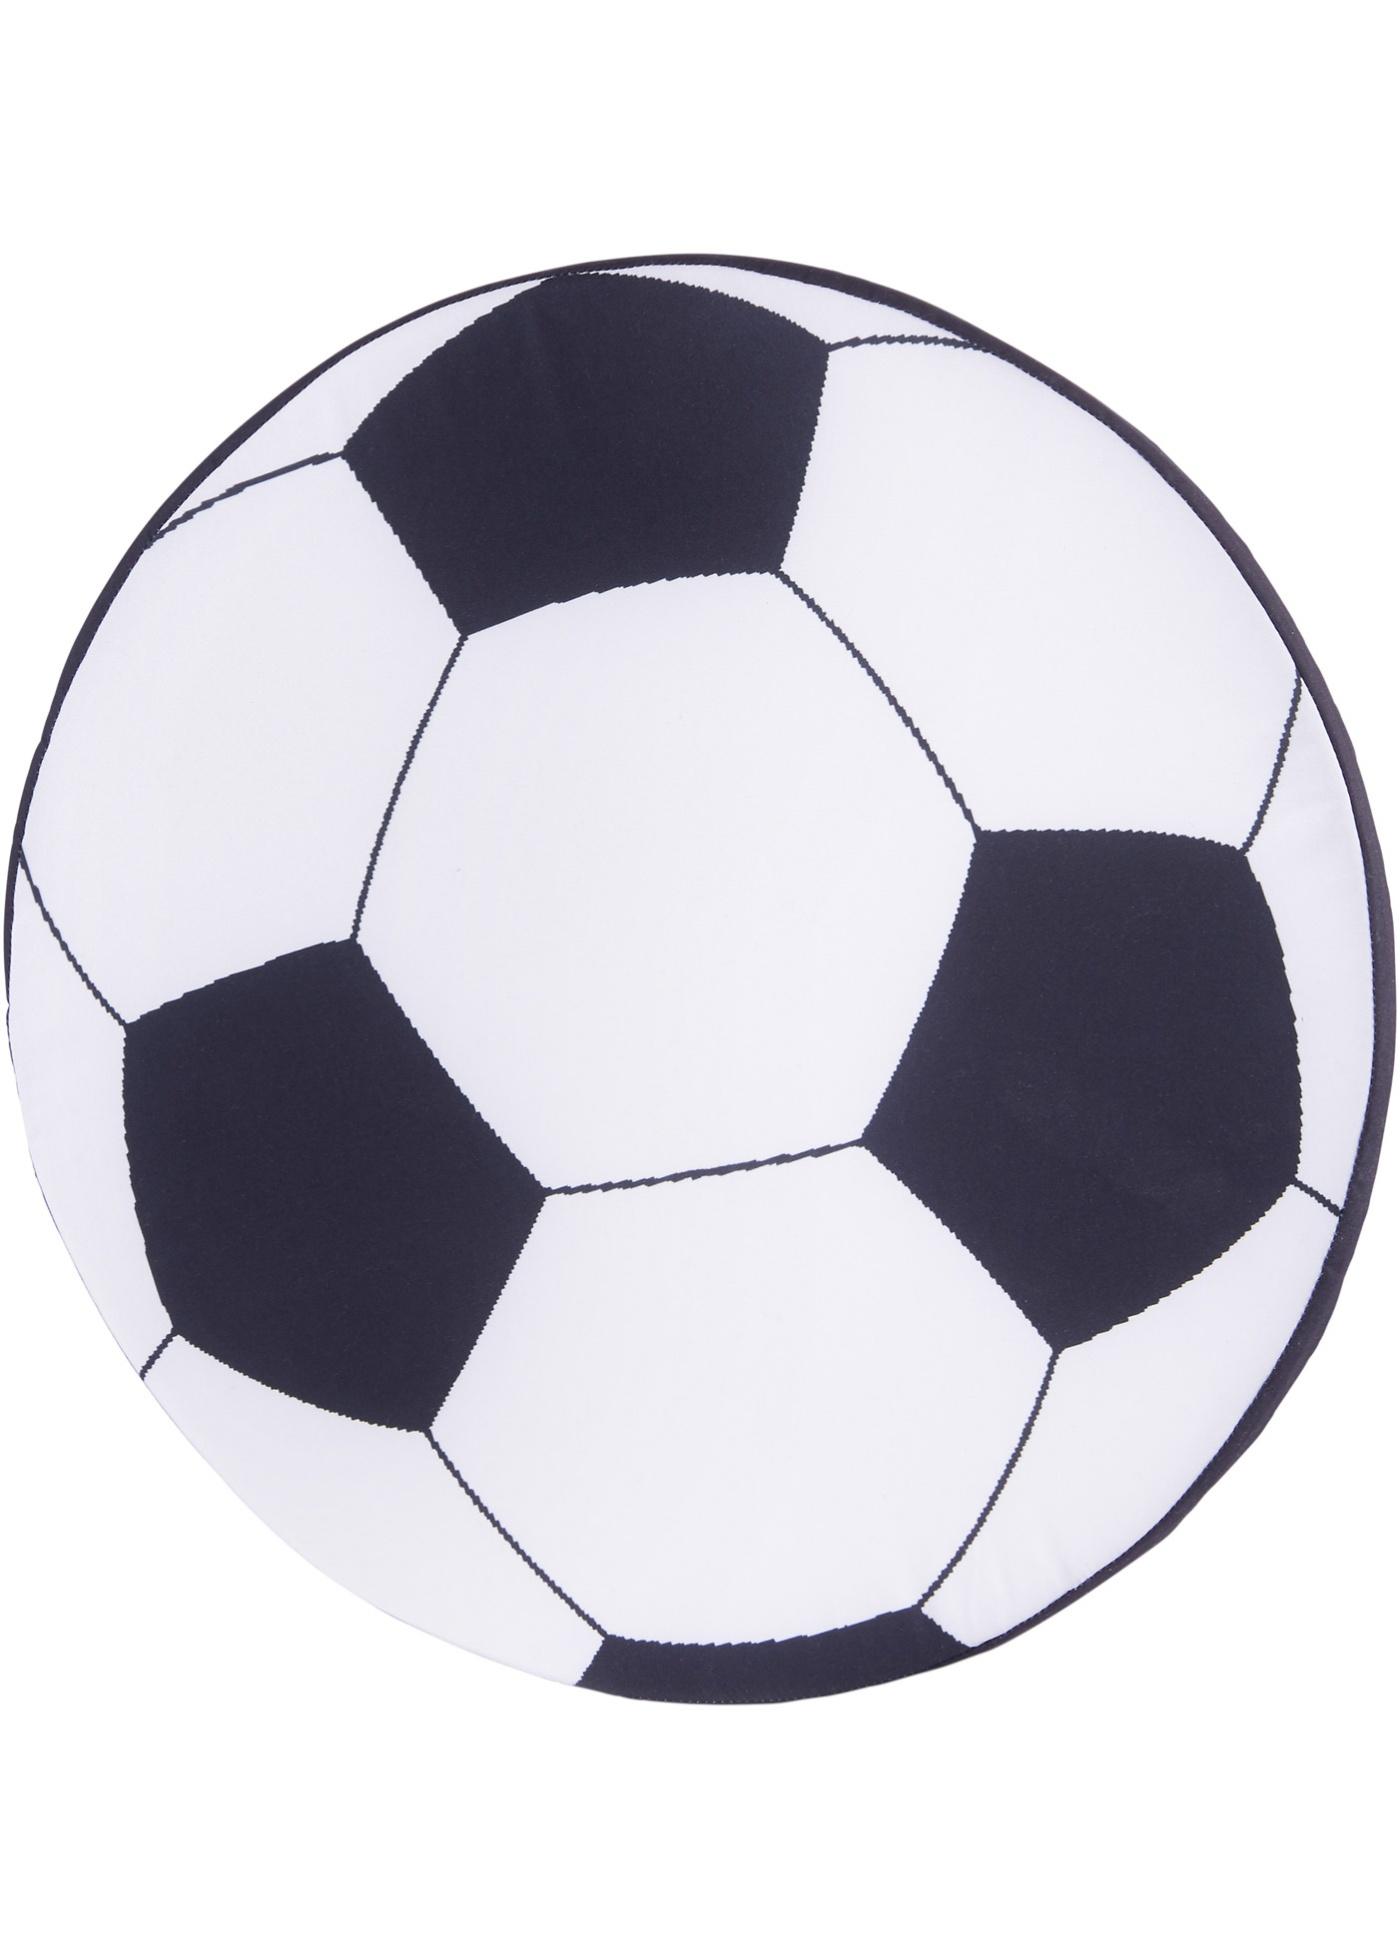 Coussin imprimé en forme de ballon de foot.